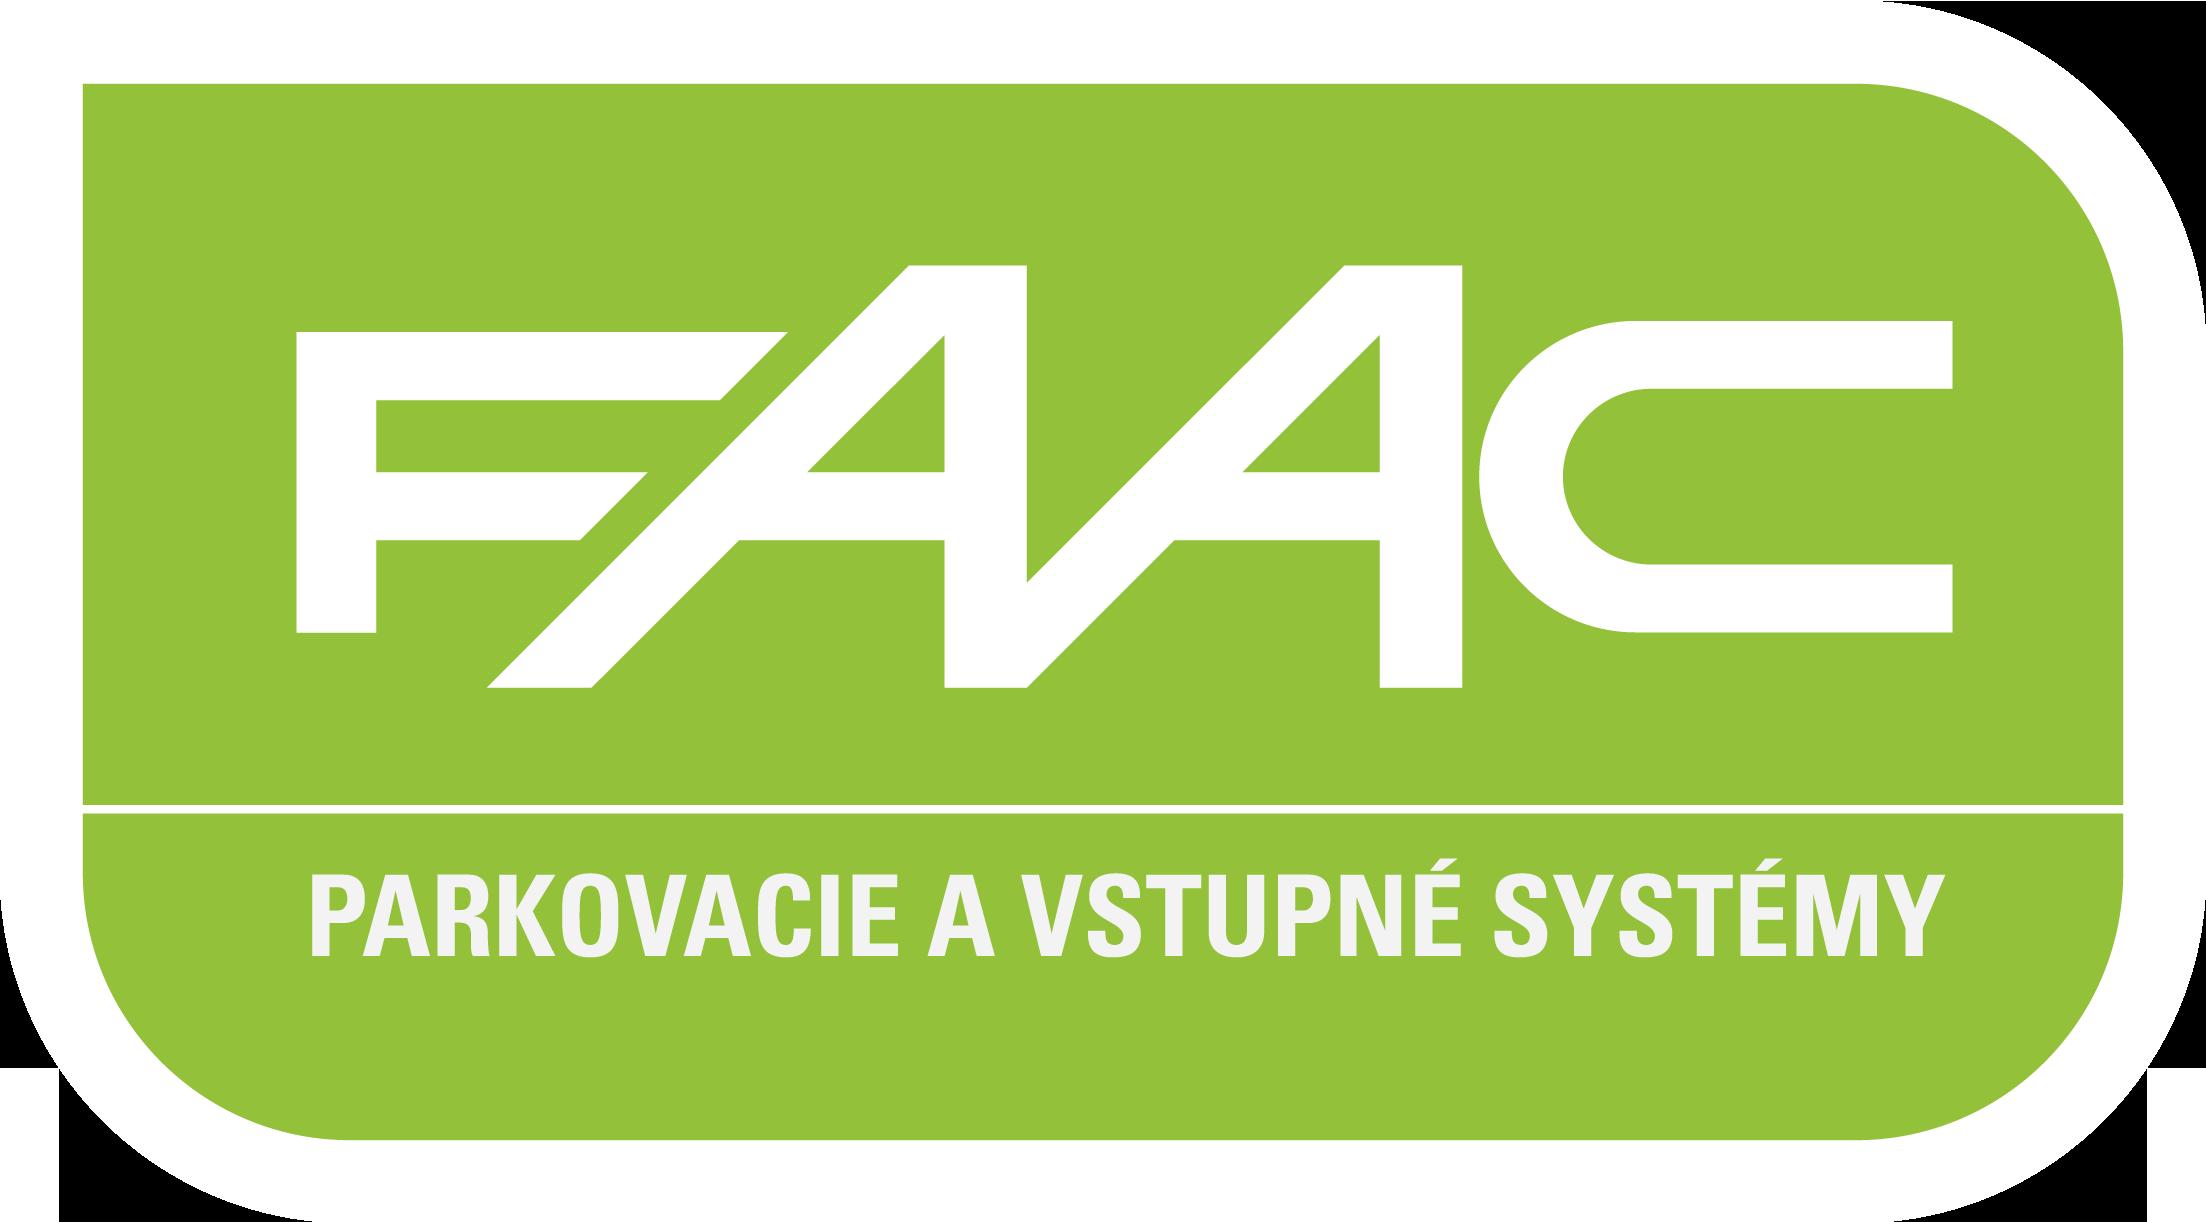 Parkovacie a vstupné systémy FAAC